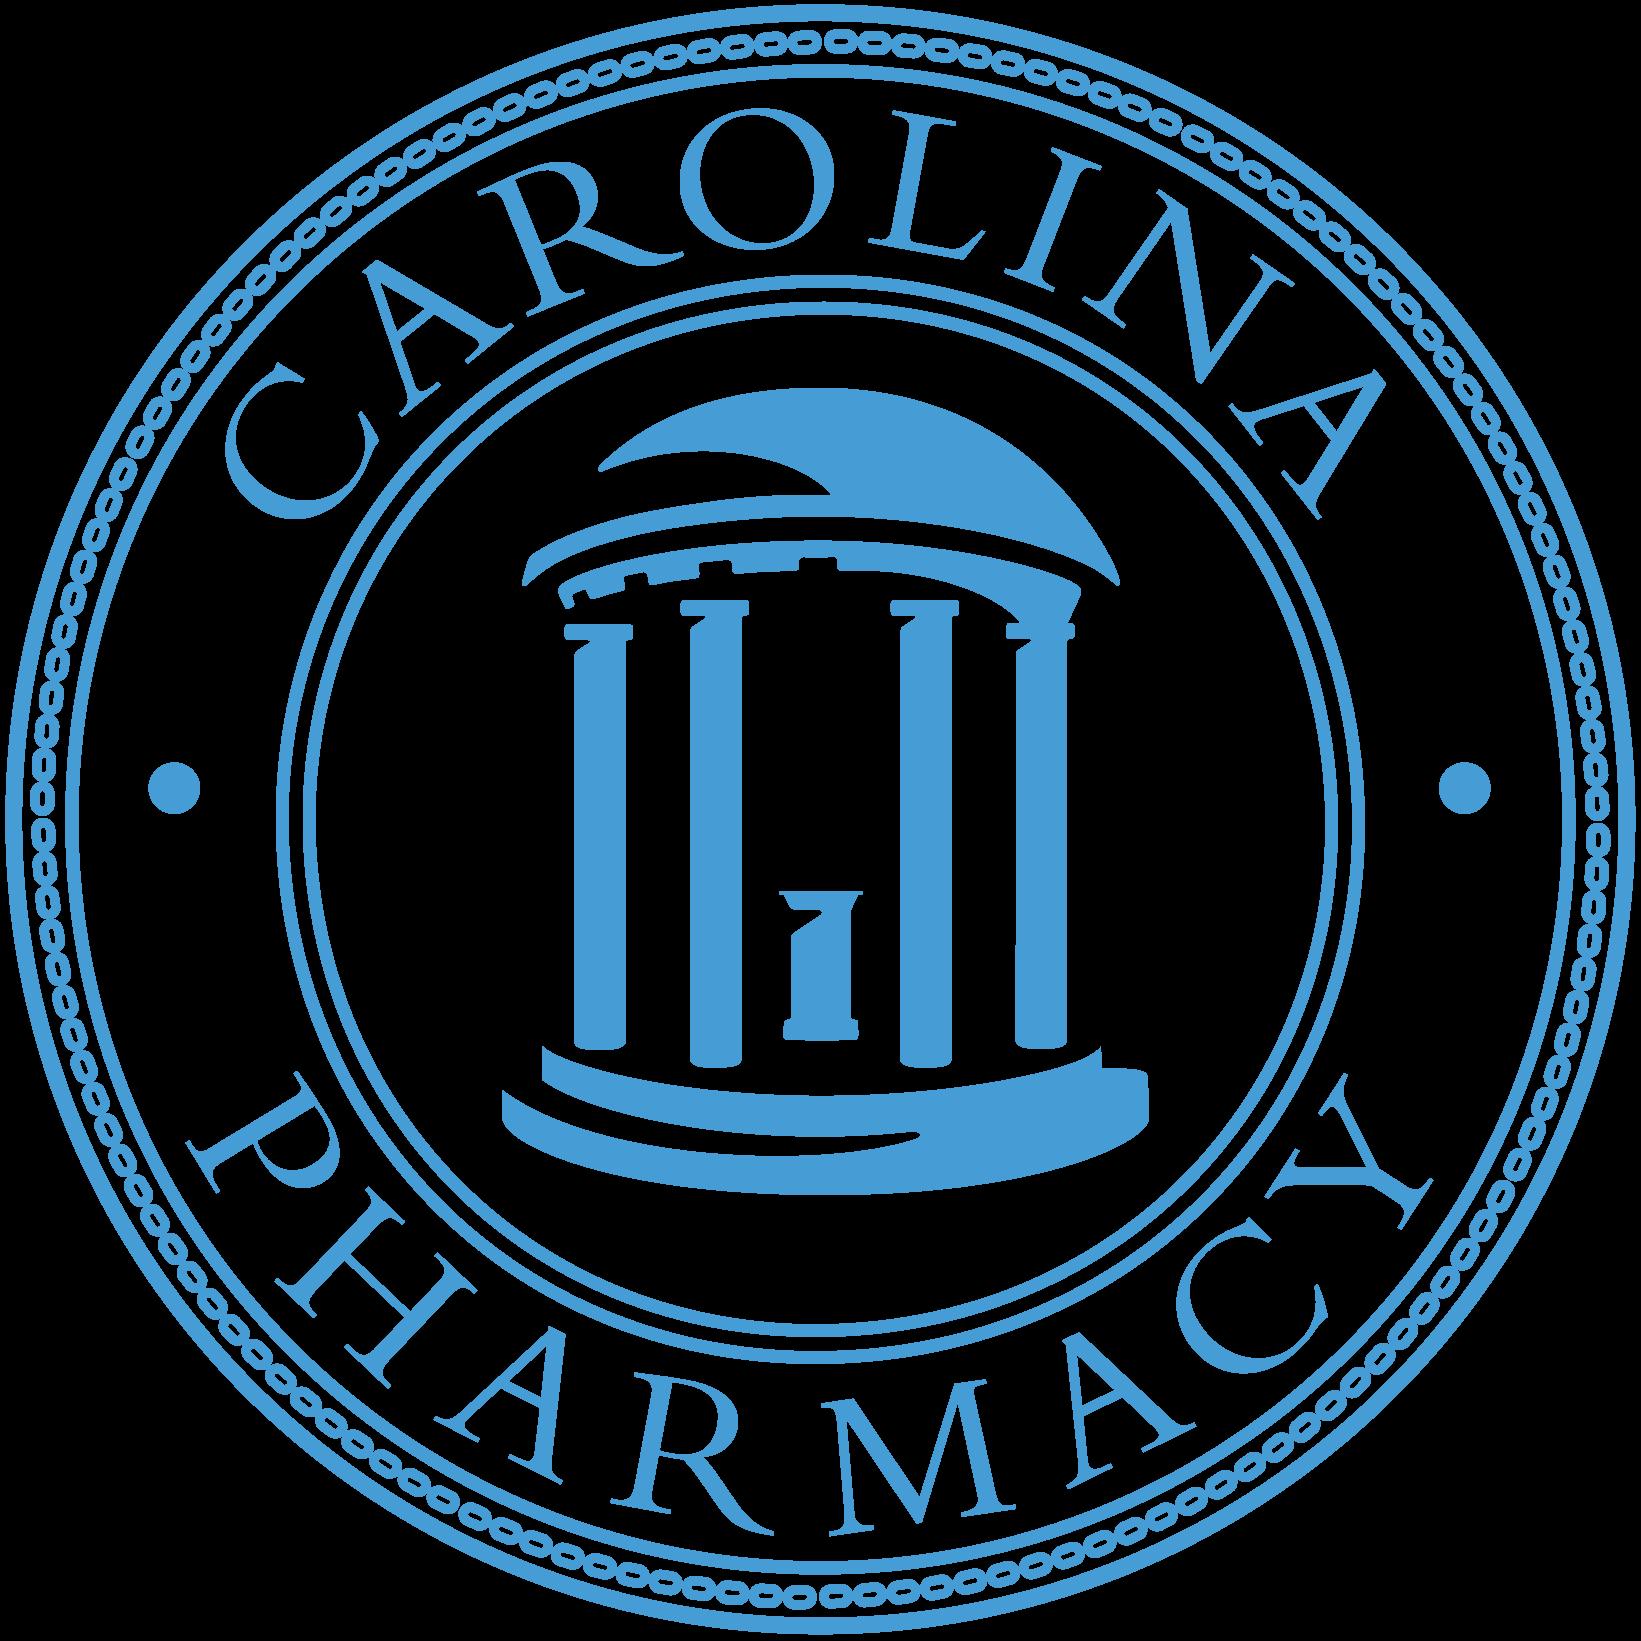 carolina pharmacy seal